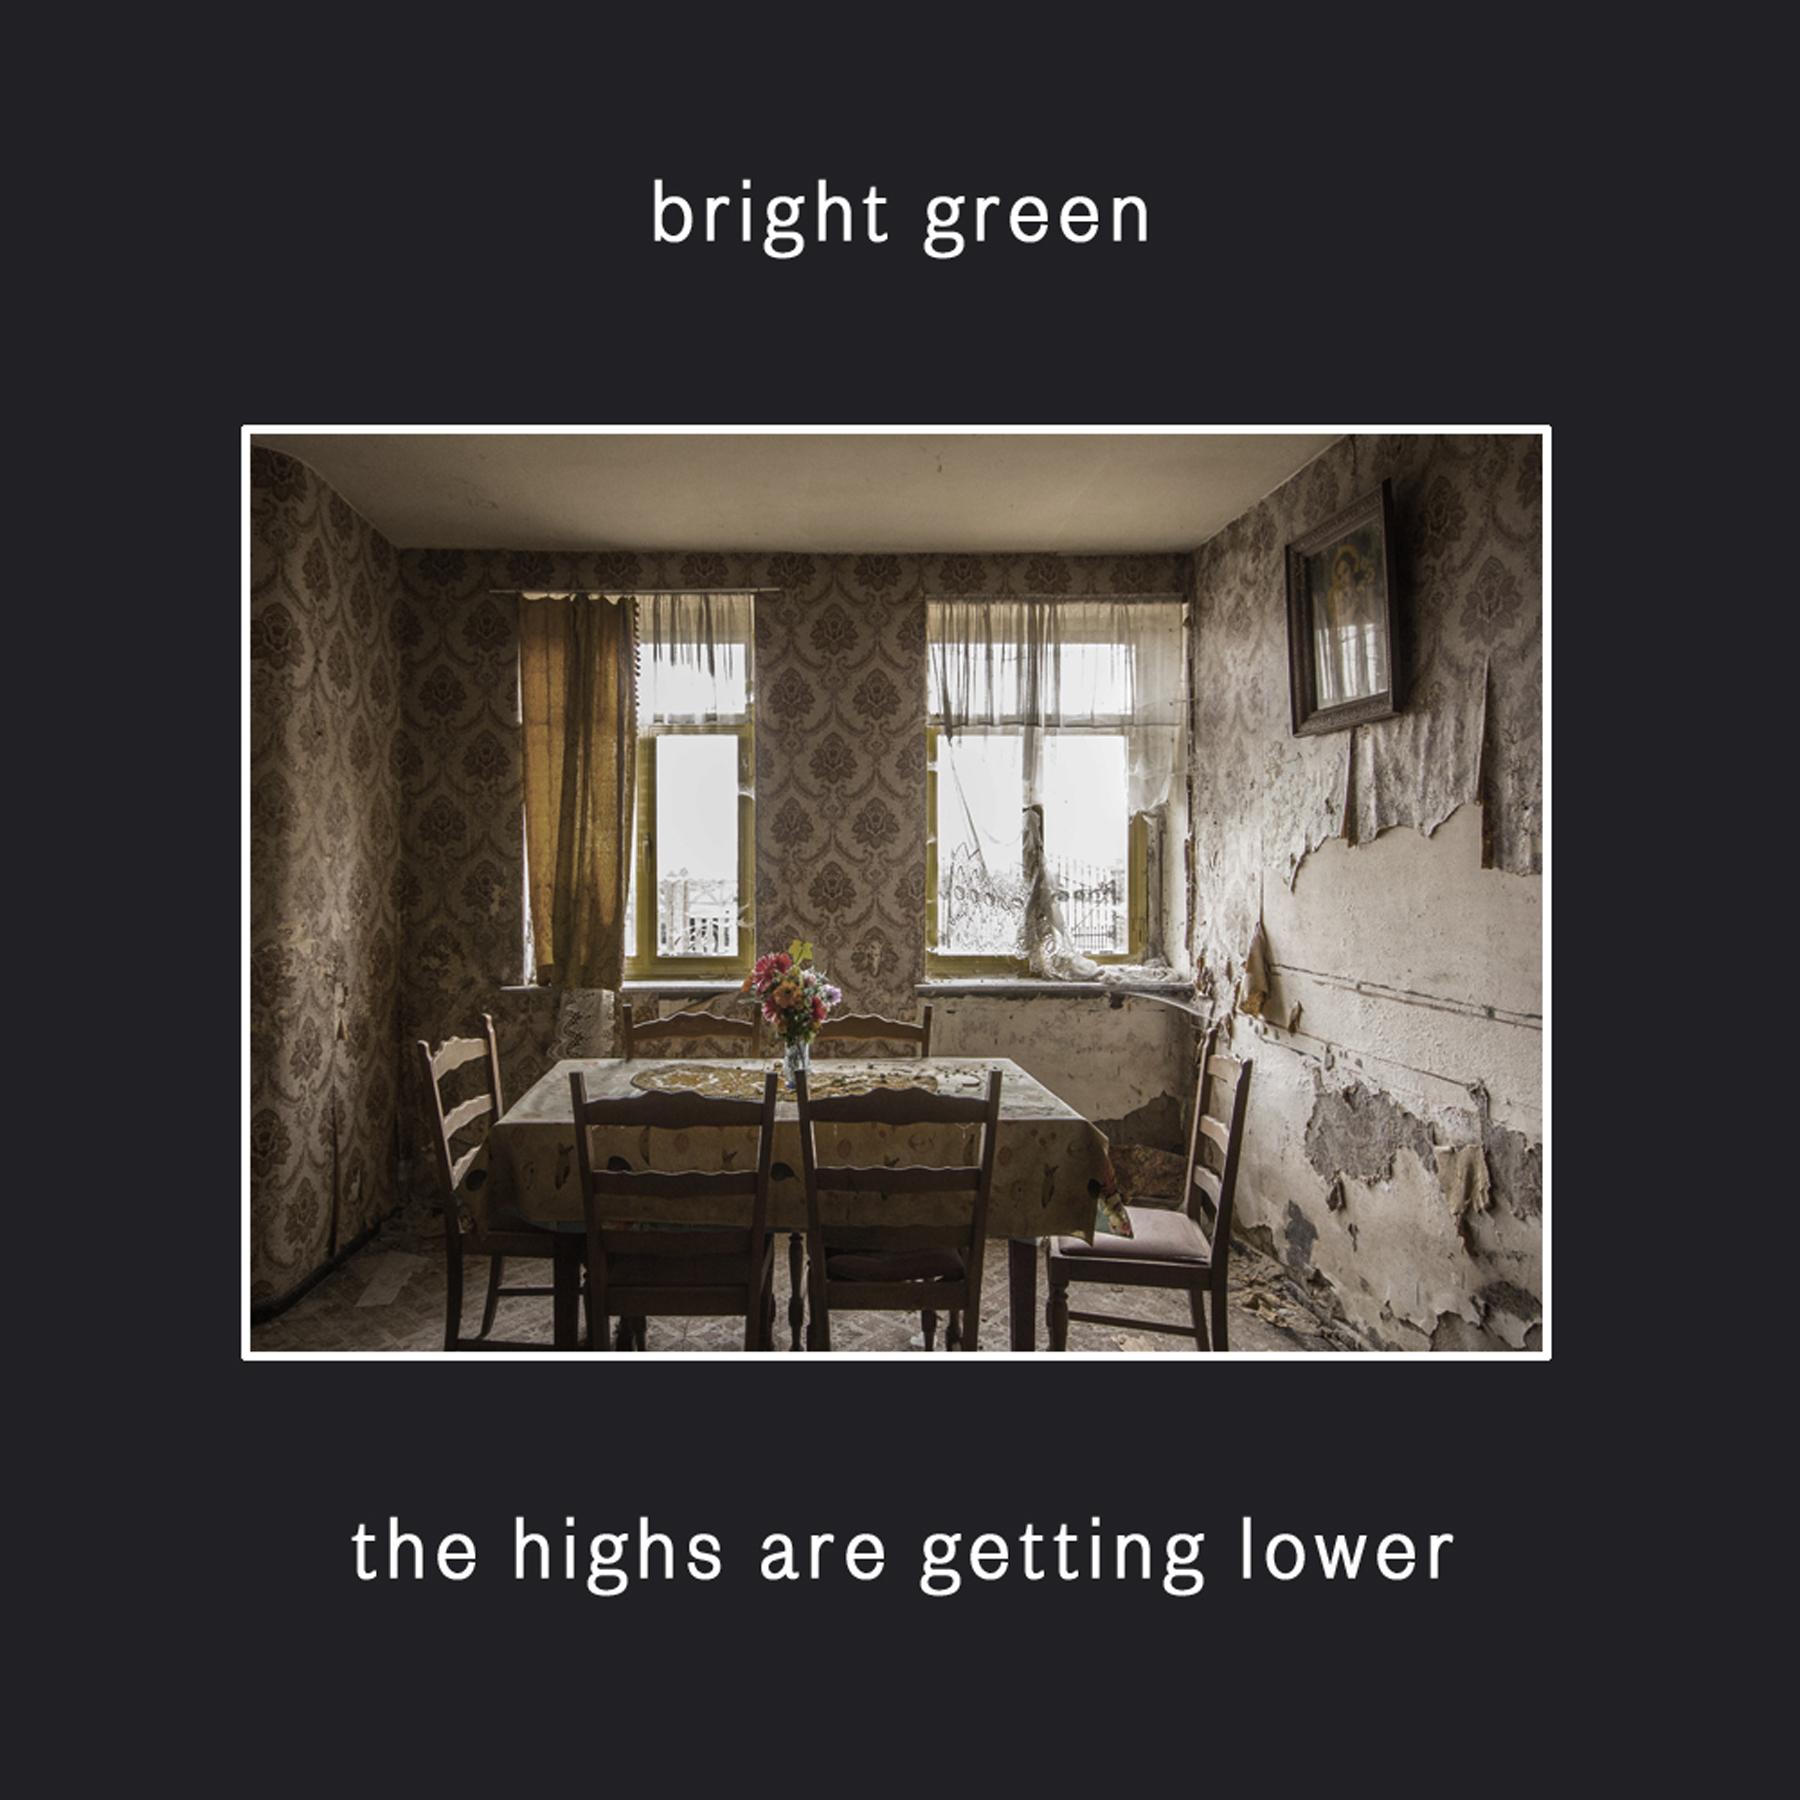 BG-HIGHS-MOCK-1.jpg